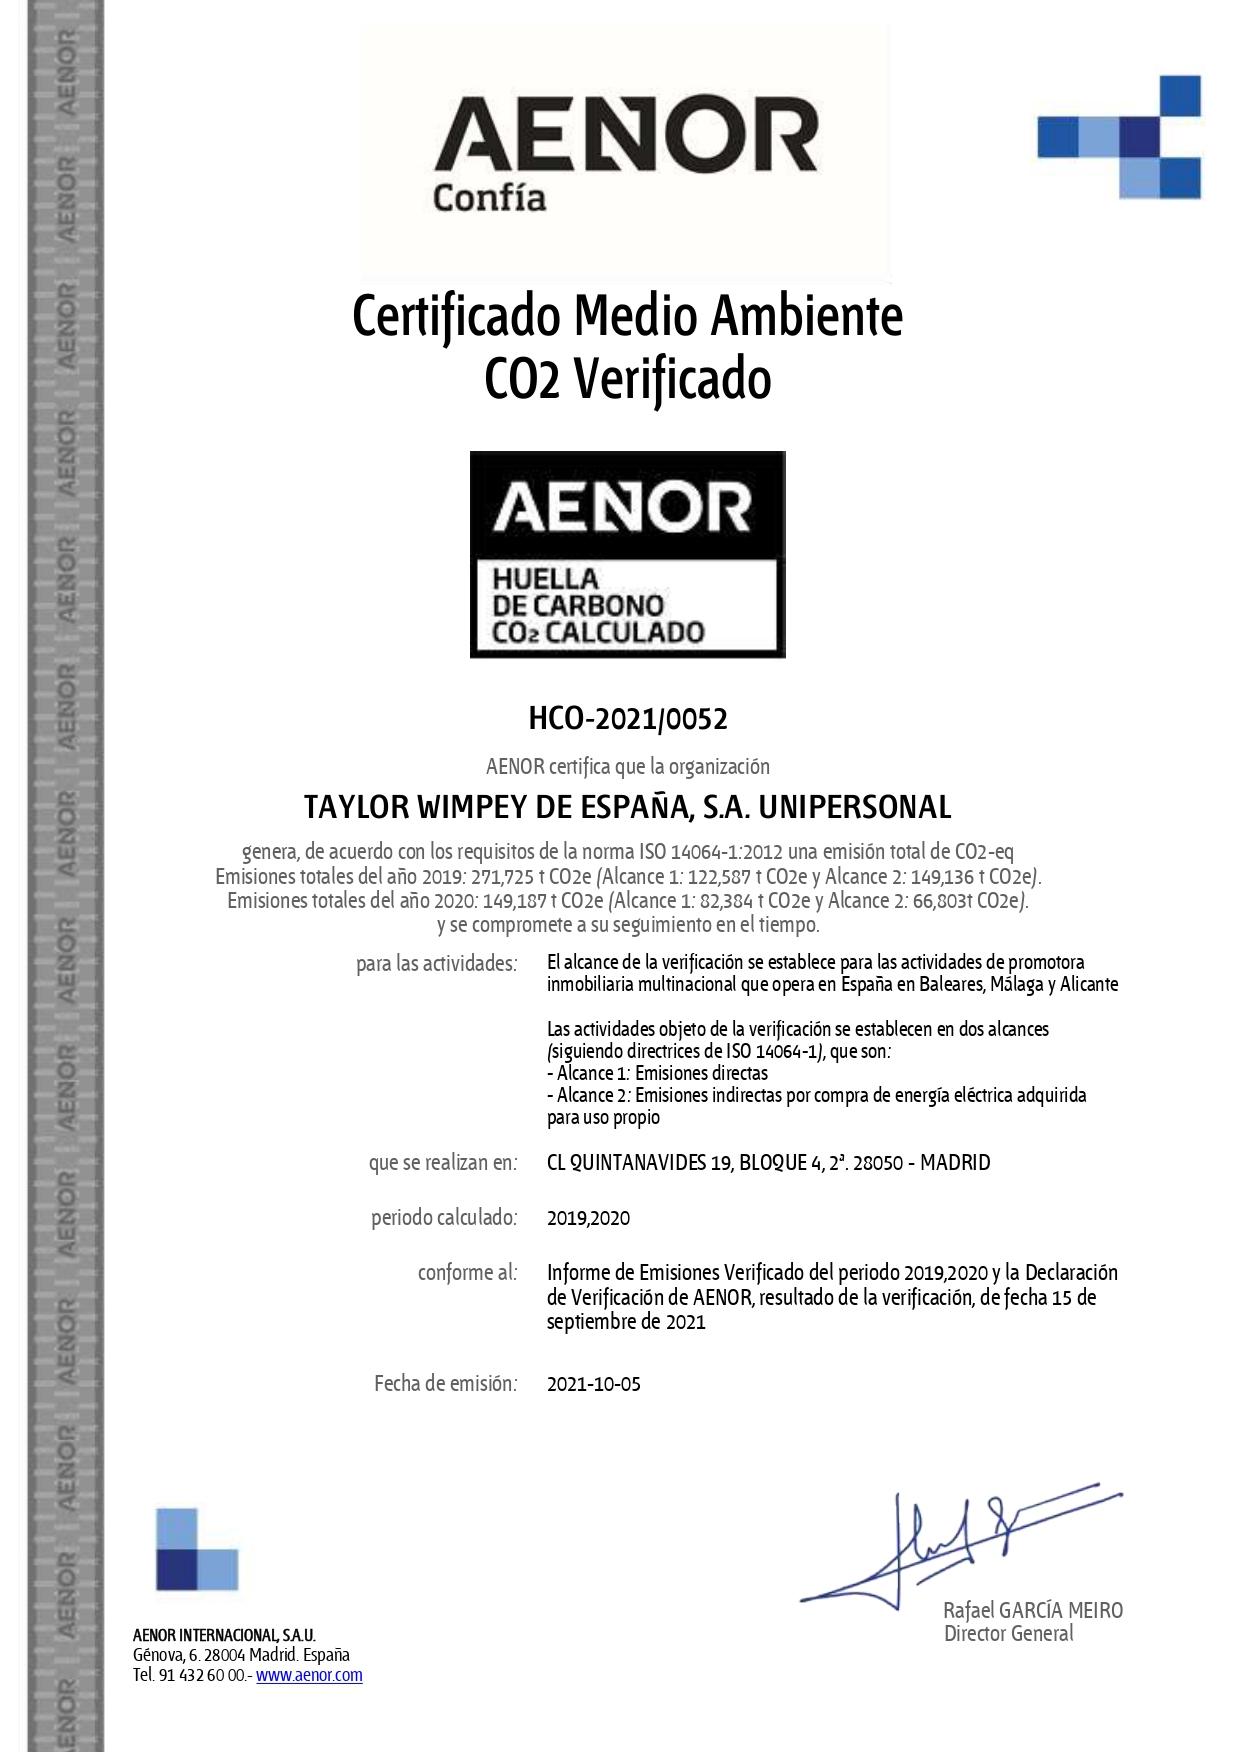 Certificado Medioambiente Aenor - Taylor Wimpey España